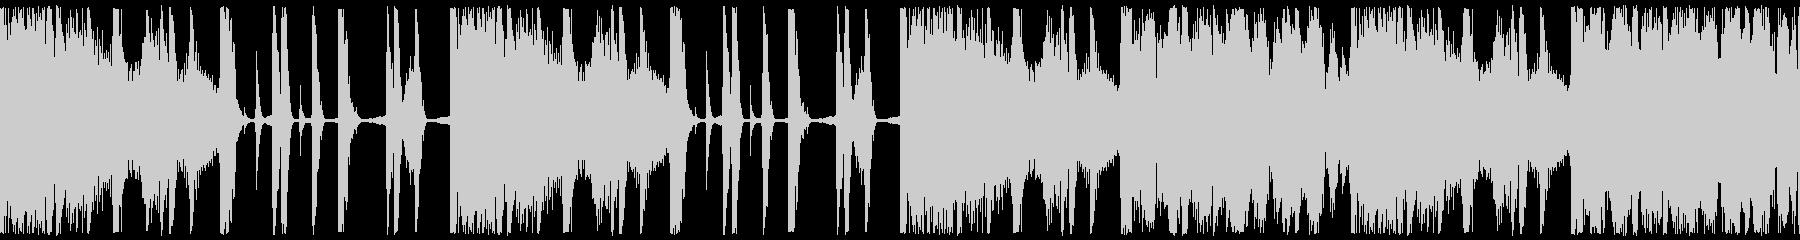 ループ素材:ヒップホップ/おしゃれの未再生の波形